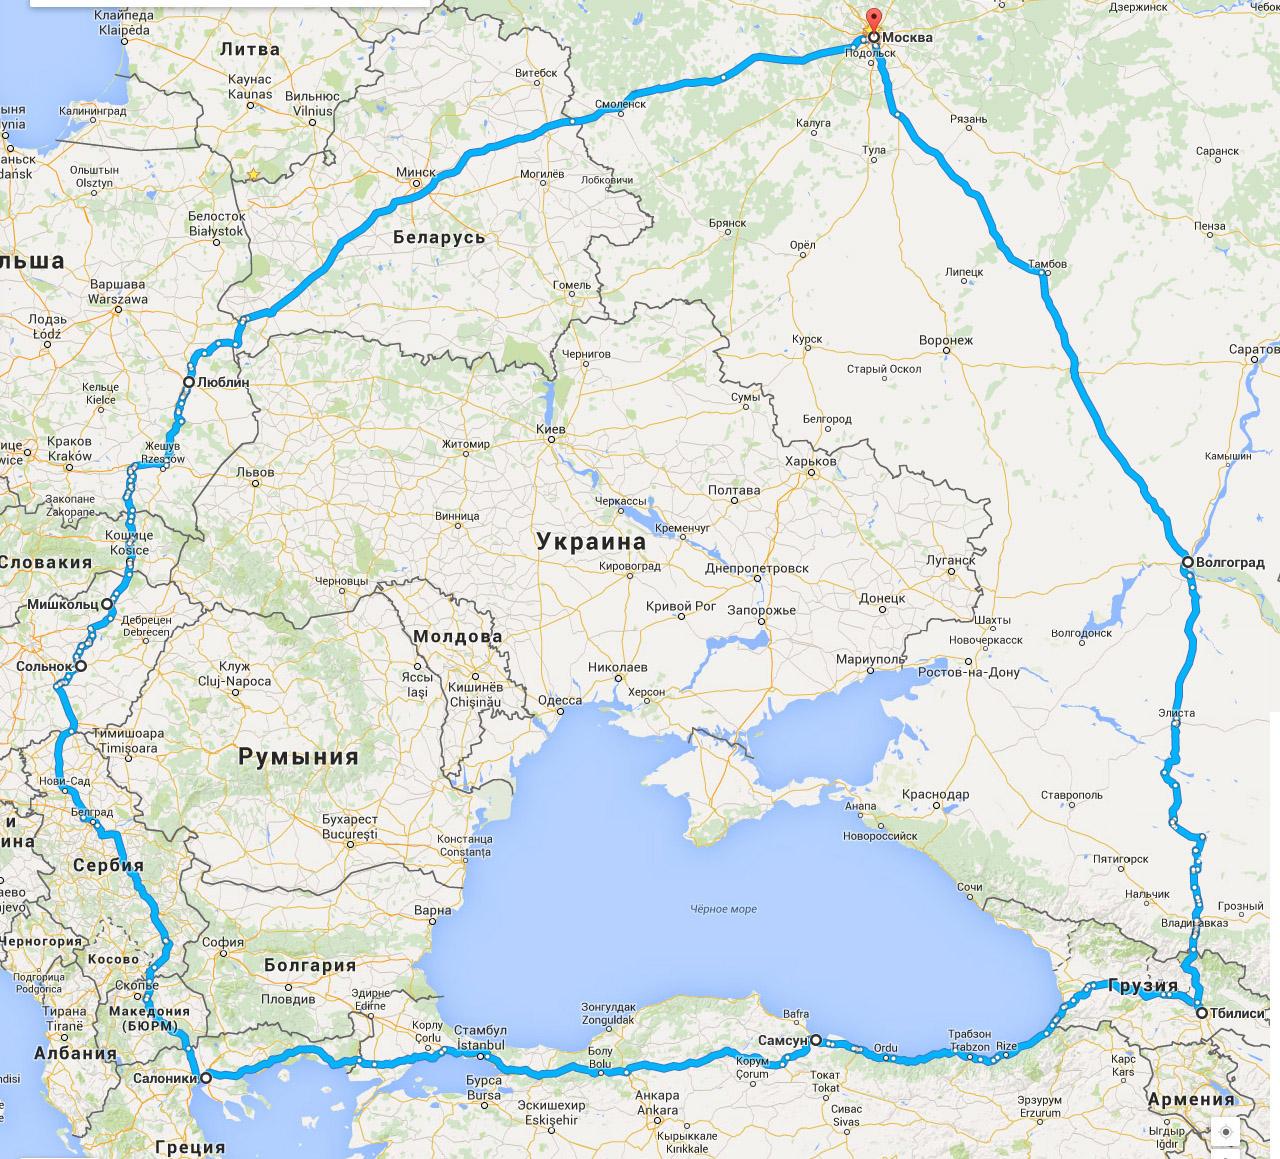 Карта путешествия Е.А.Шуваловой в 2015 году